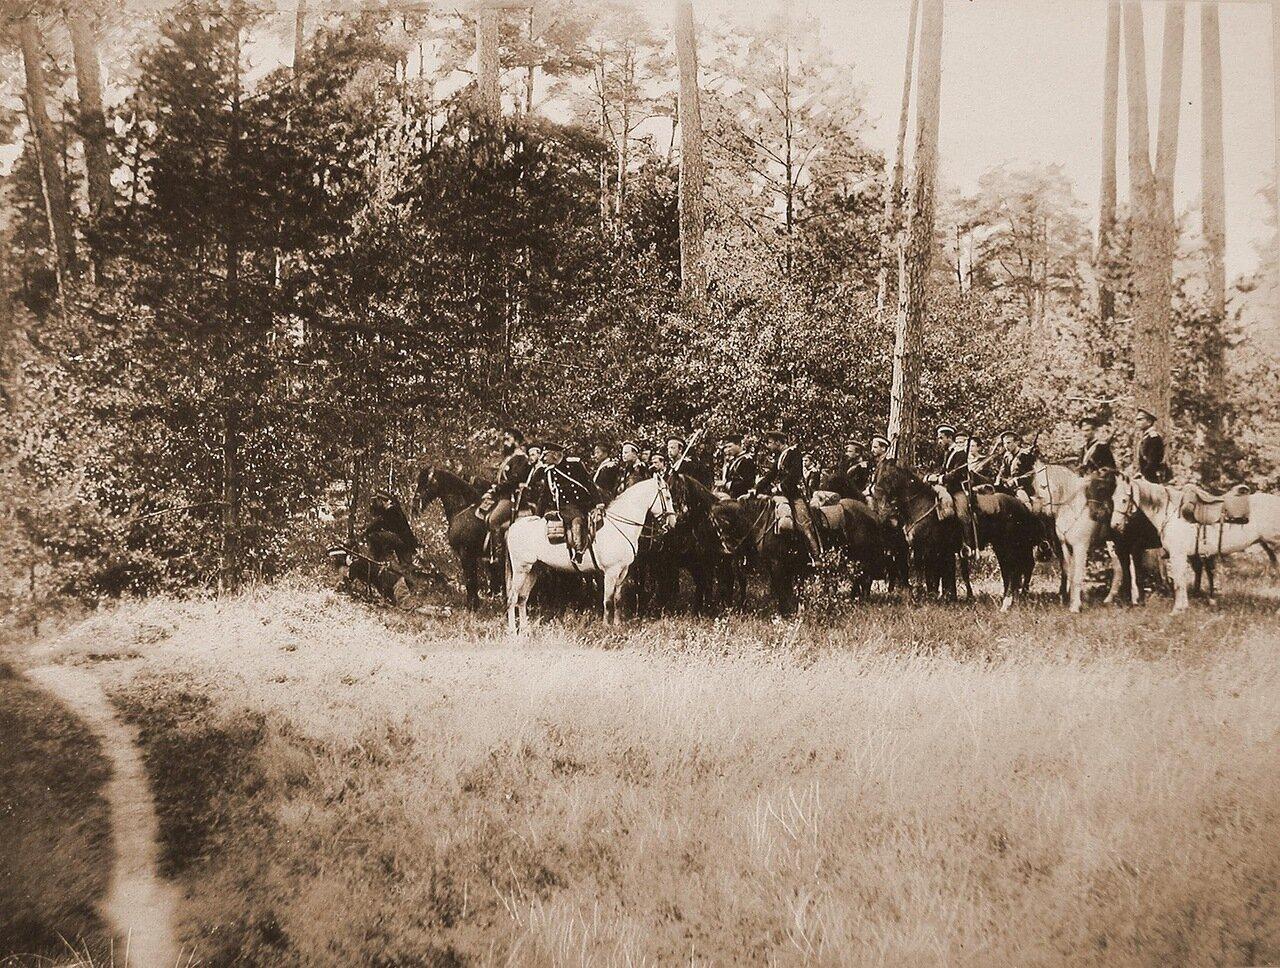 19. Юнкера на лошадях во время учений (команда: «засада»)